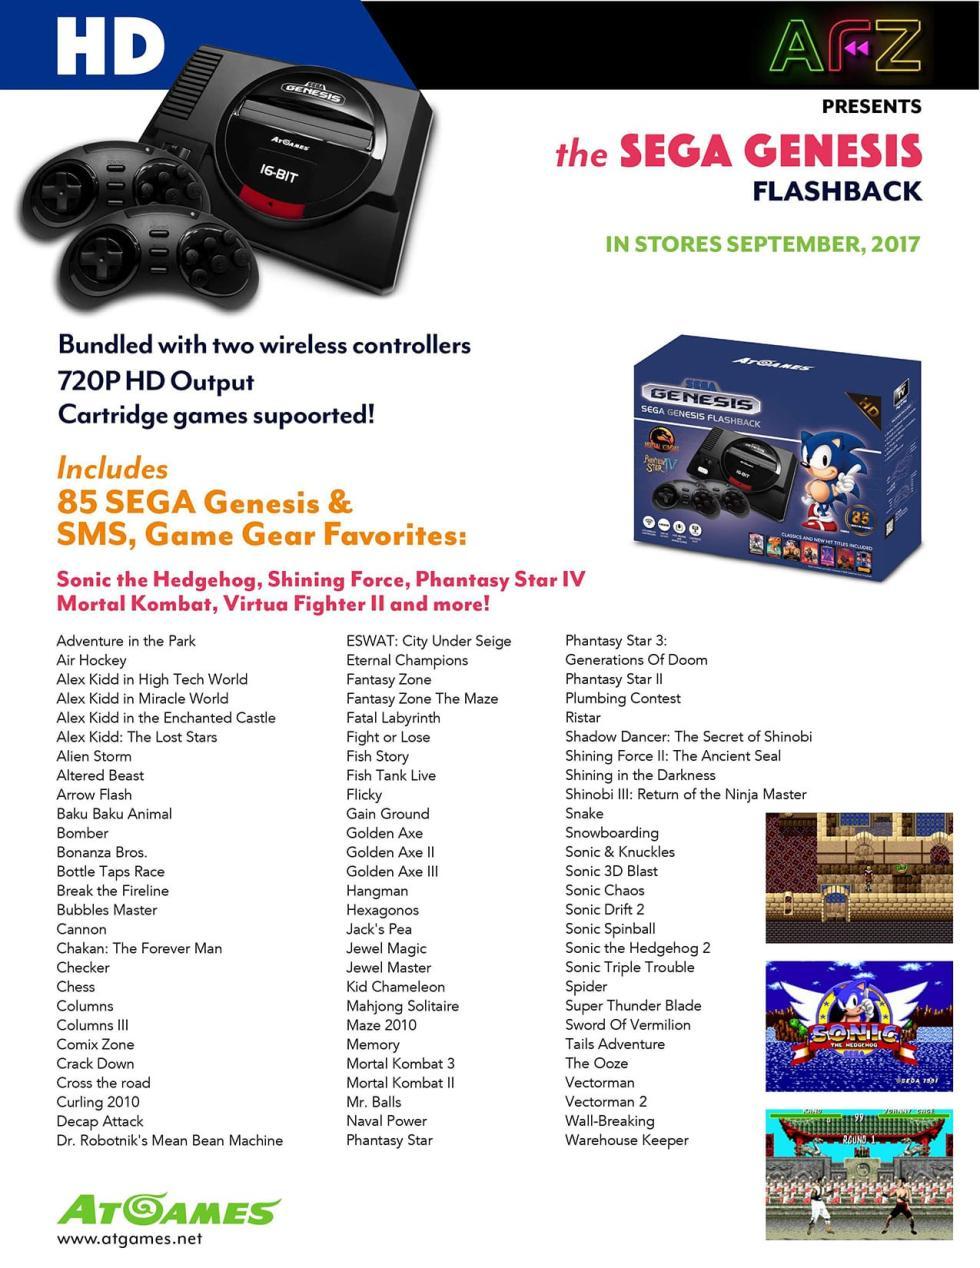 Lista completa de juegos de SEGA Genesis Flashback, la consola retro de AtGames